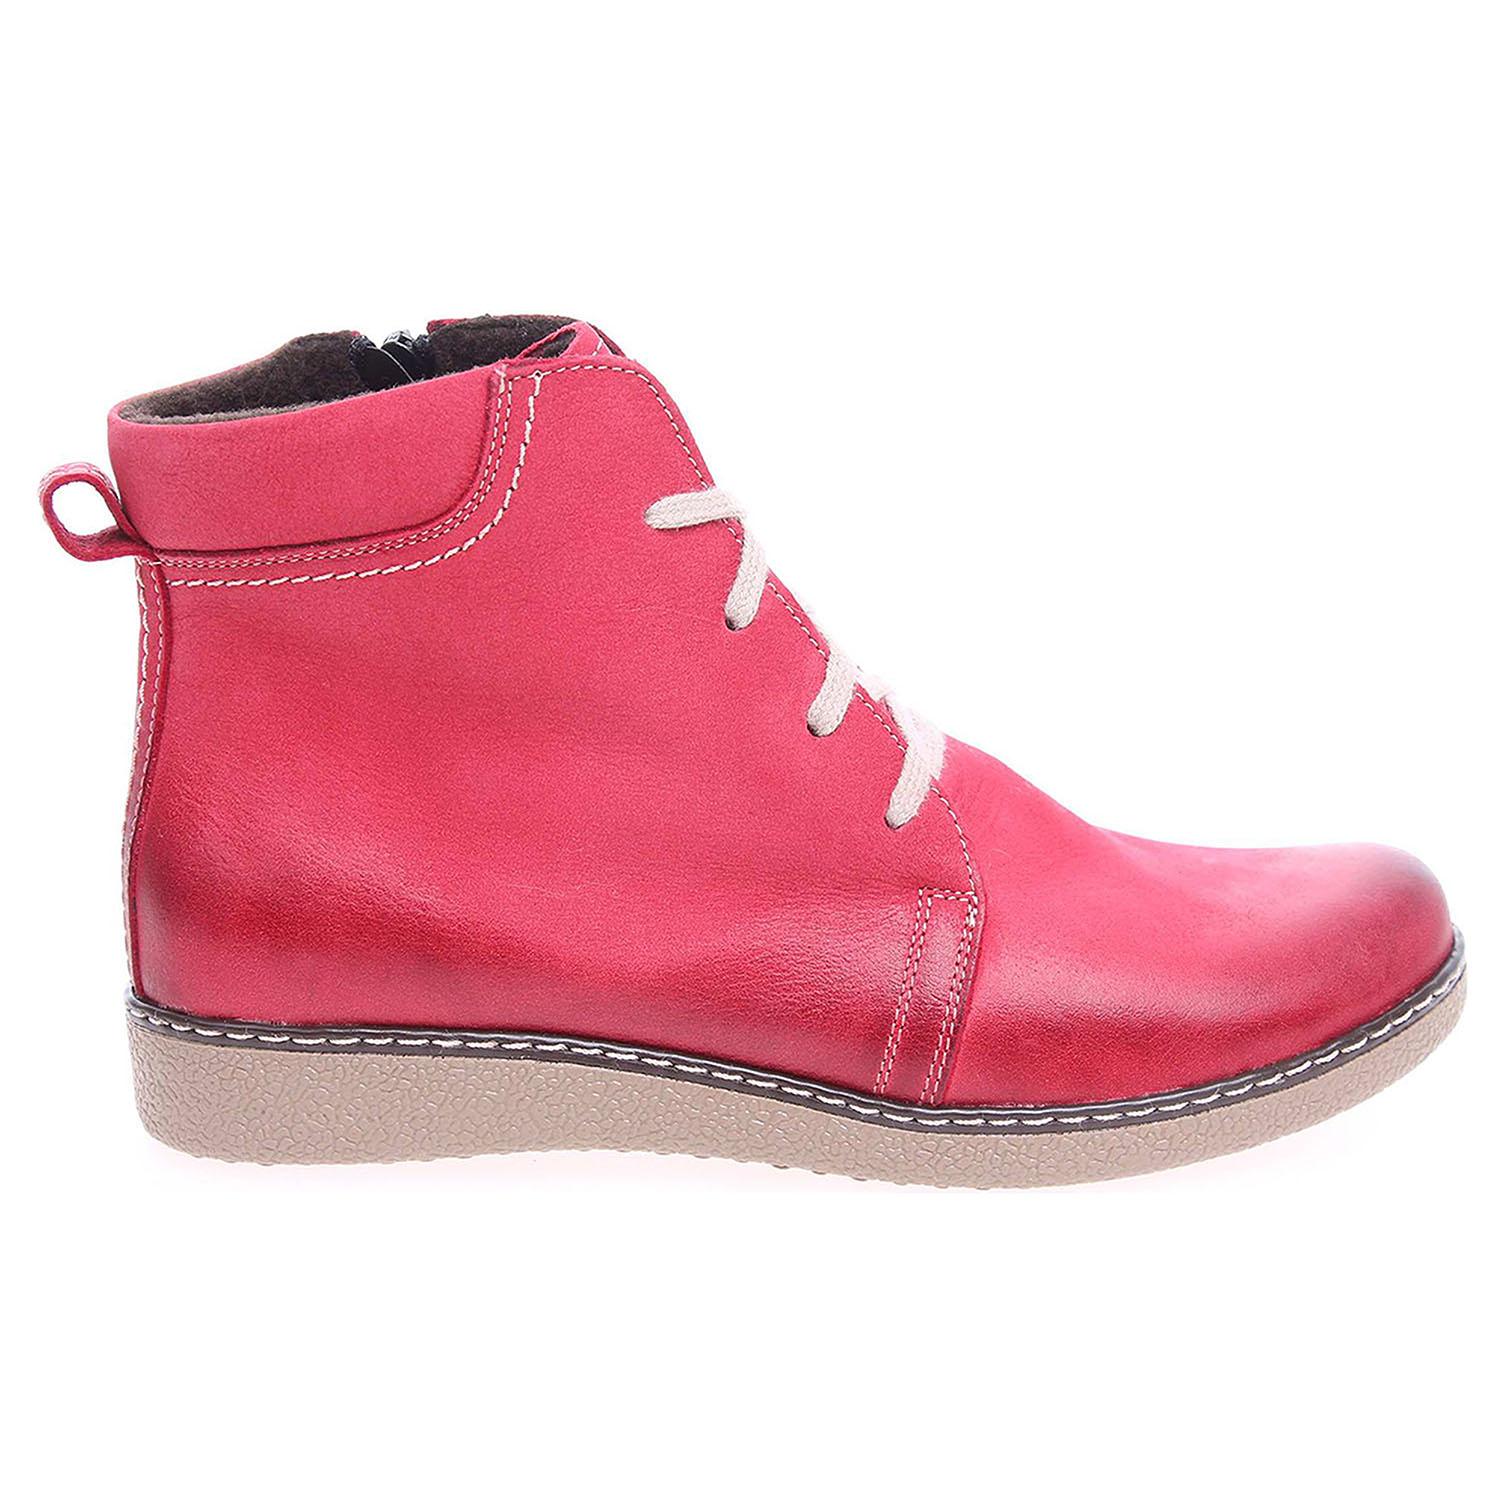 5f70e0a7ce4 Dámská kotníková obuv J3171C červená